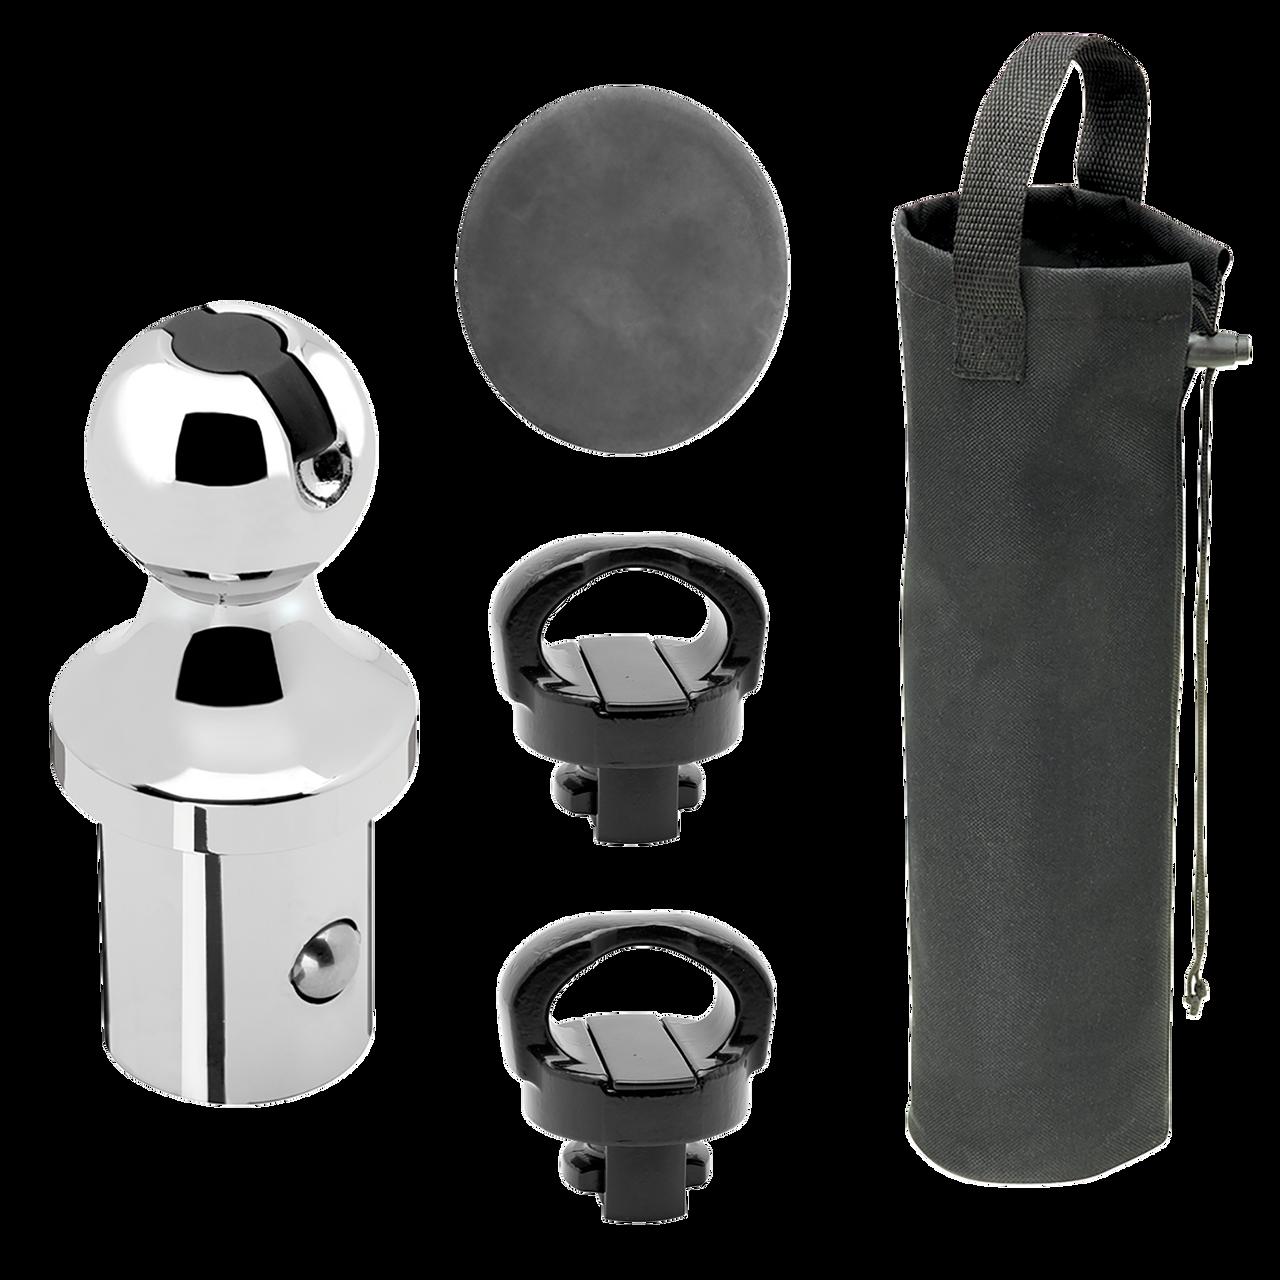 """30888 --- 2-5/16"""" Elite Under-Bed Gooseneck Accessories Kit for Dodge RAM OEM rail system"""